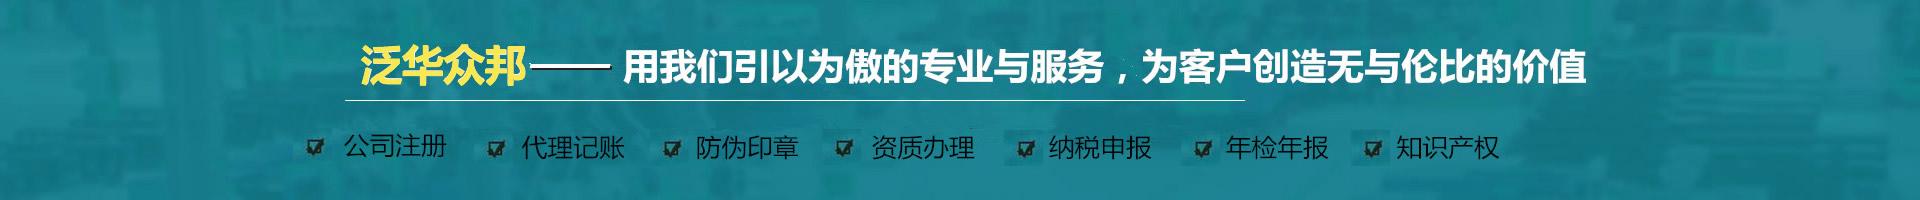 陕西泛华众邦财务公司